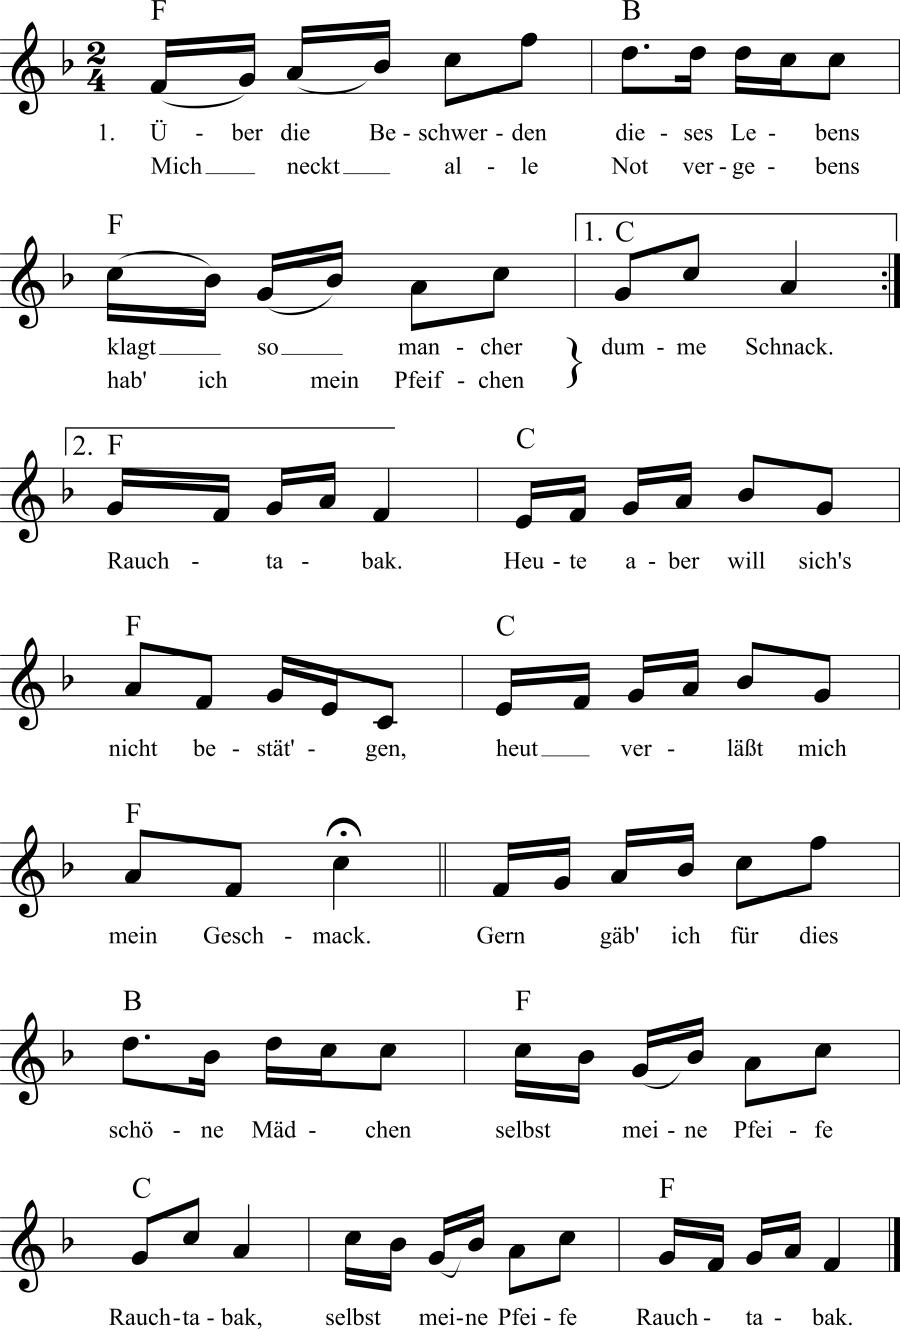 Musiknoten zum Lied Mein Pfeifchen Rauchtabak